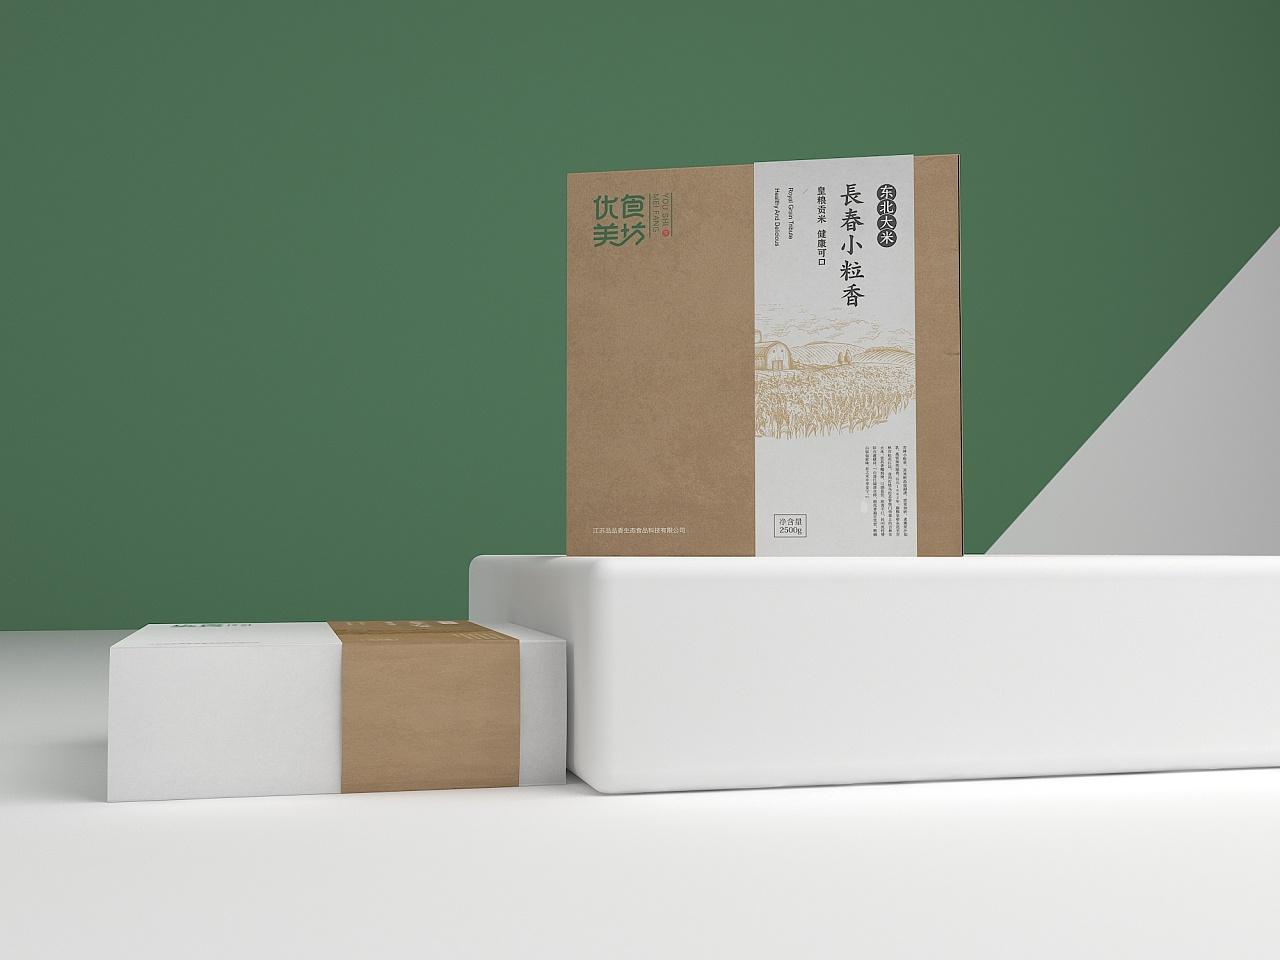 怎么设计食品包装